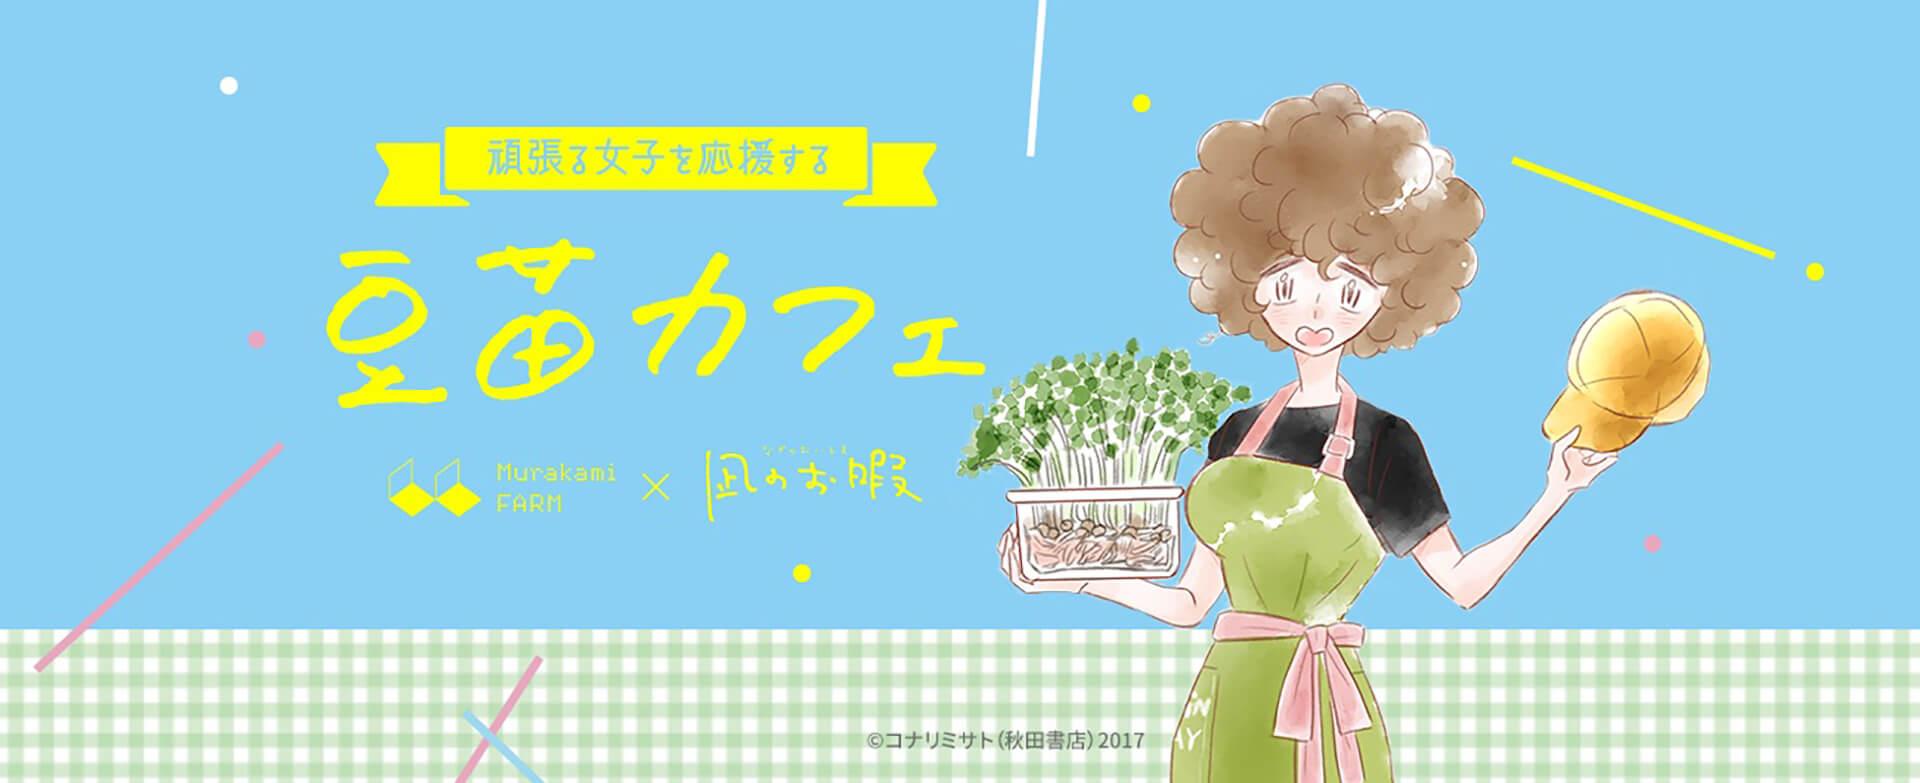 この写真は「豆苗カフェ」の告知バーナー・主人公が豆苗を持っているイラストです